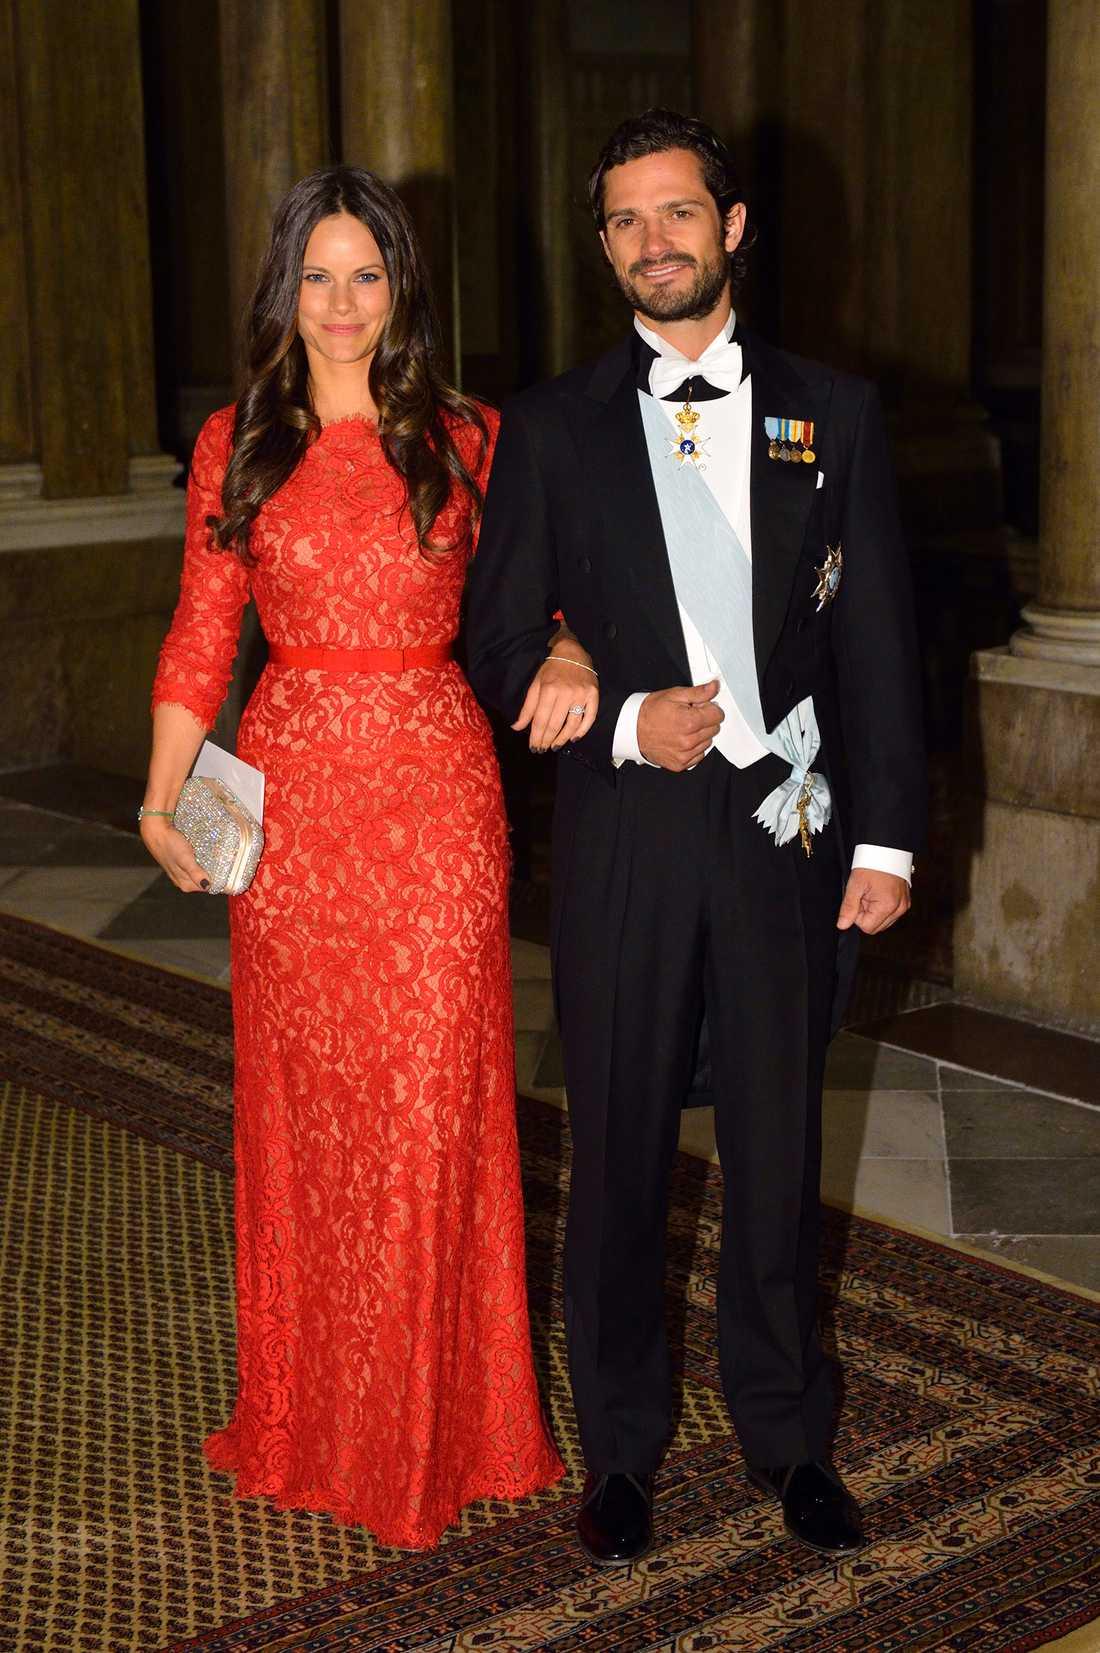 Vilken fullpott, Sofia! Den ljuvliga spetsklänningen från Tadashi shoji satt verkligen som en smäck på den blivande kungligheten under sin första slottsmiddag i november 2014.